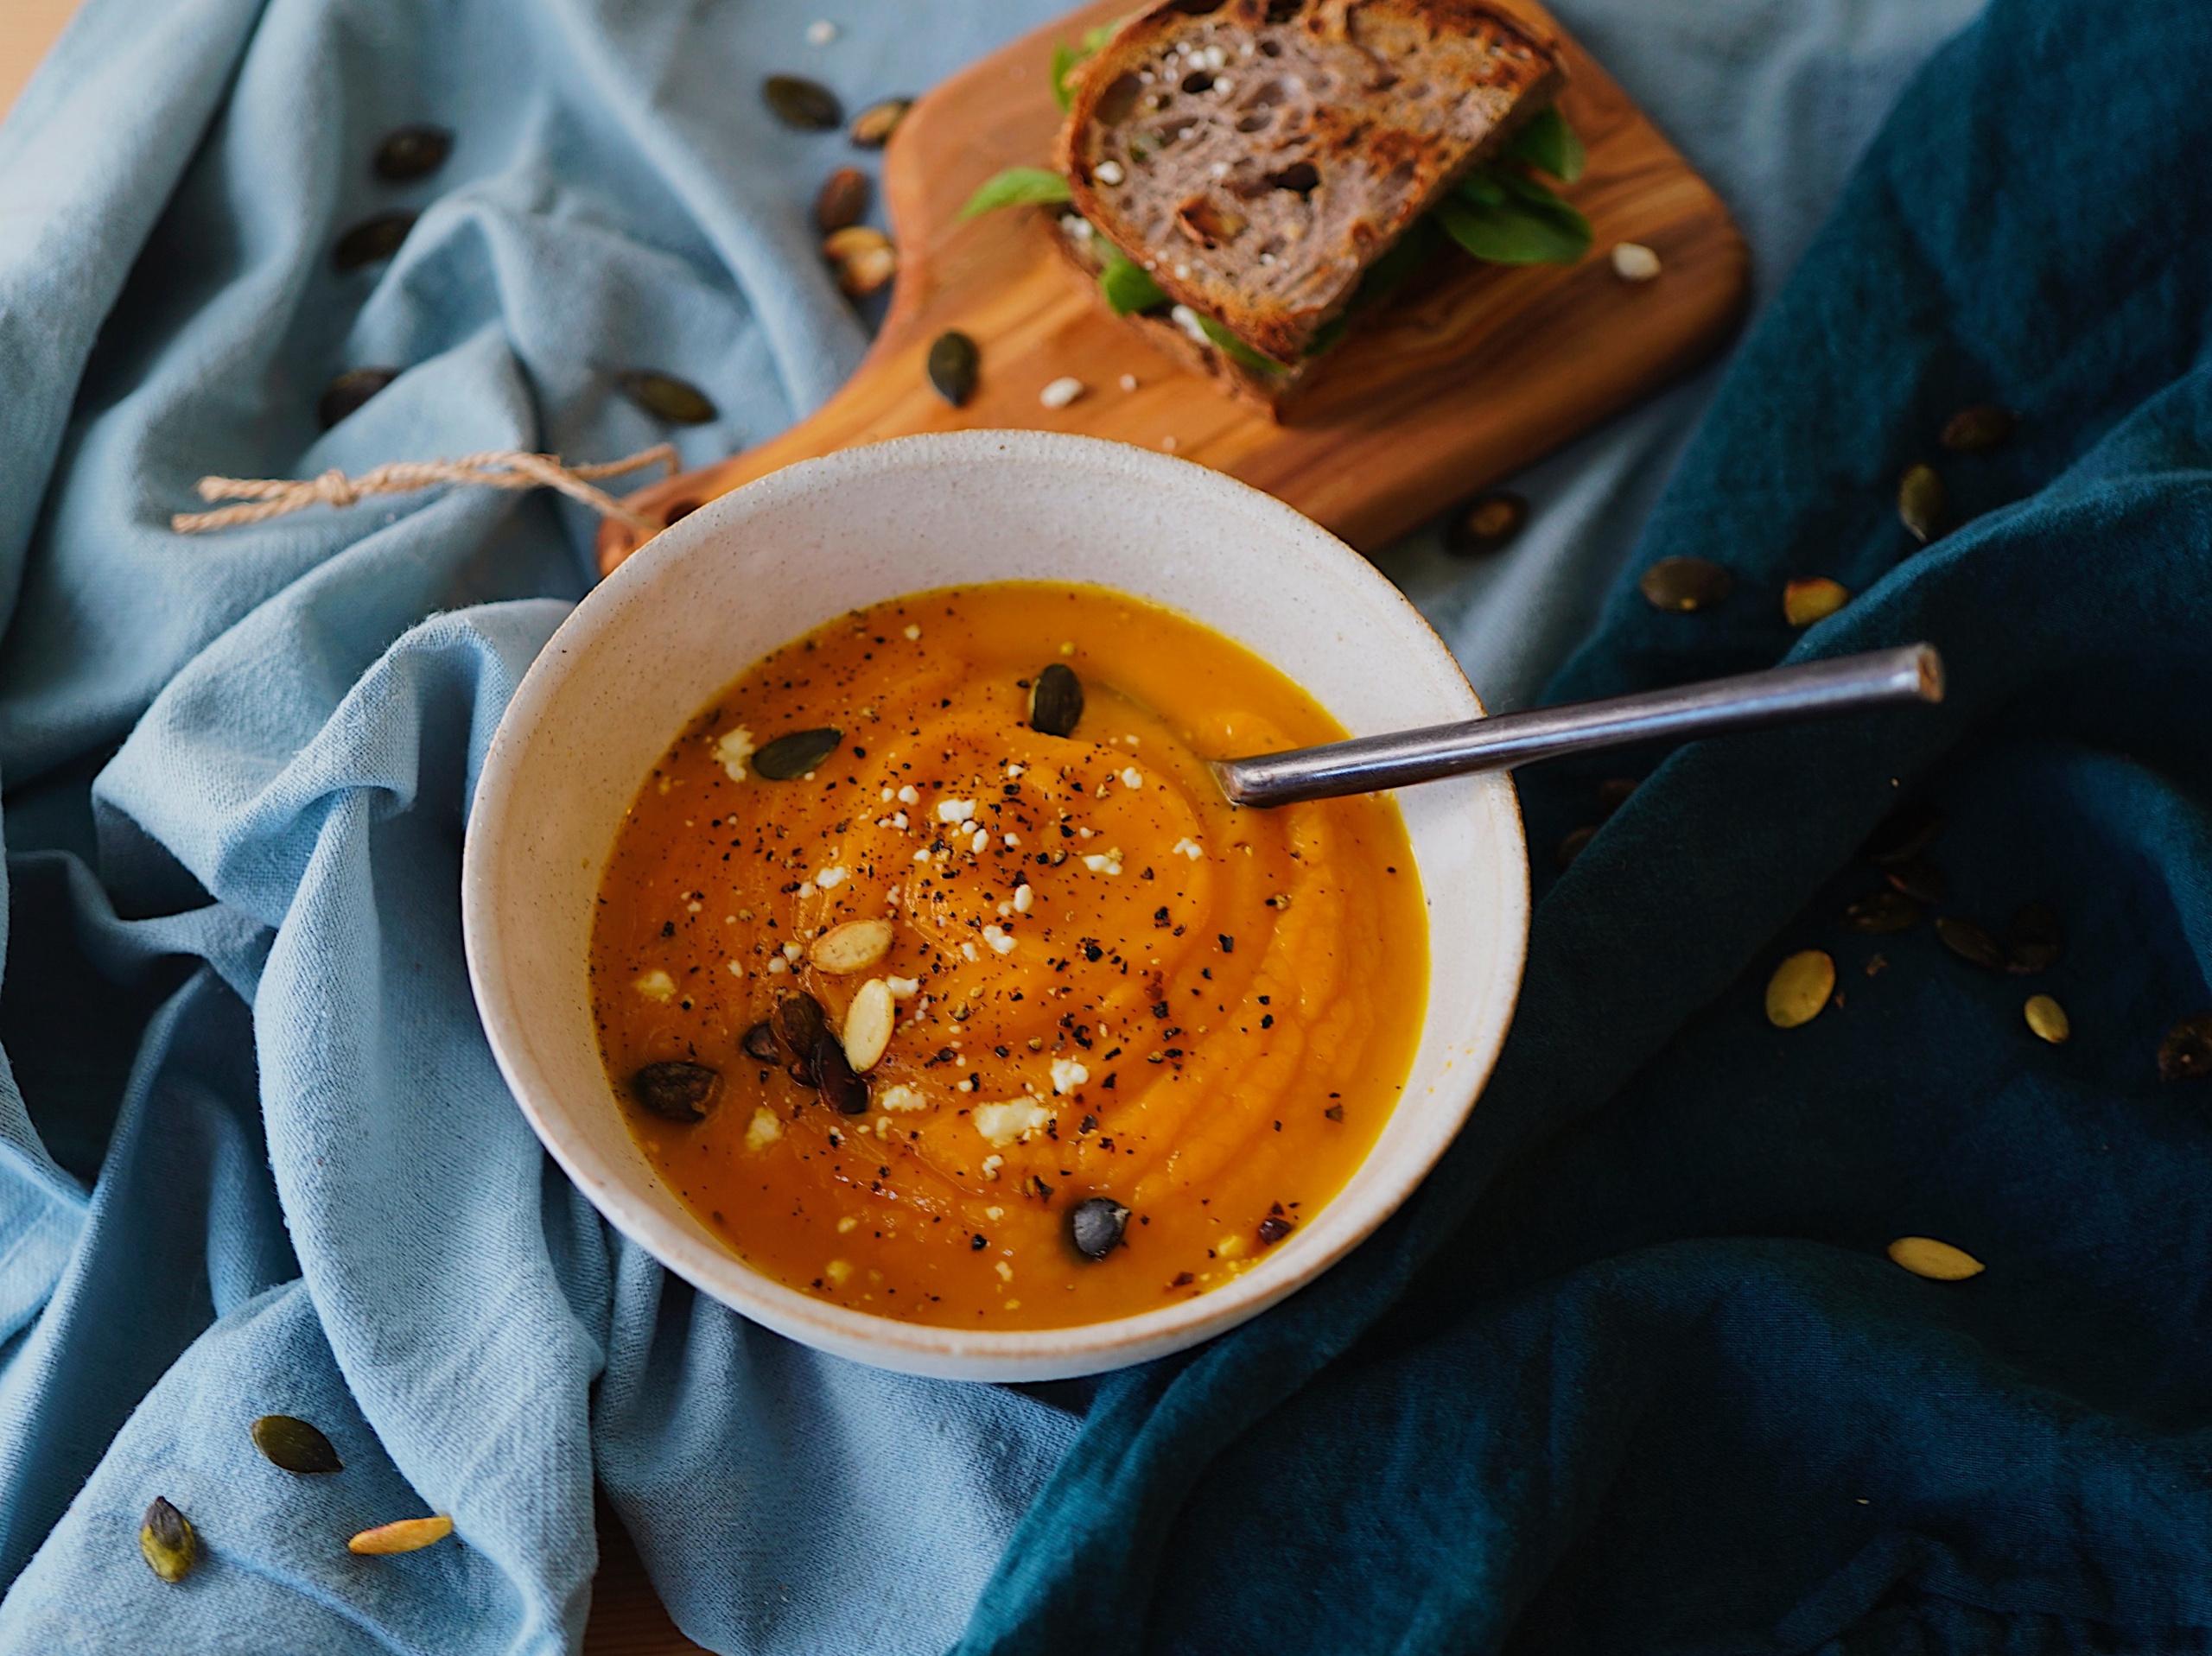 round white bowl of soup on gray textile